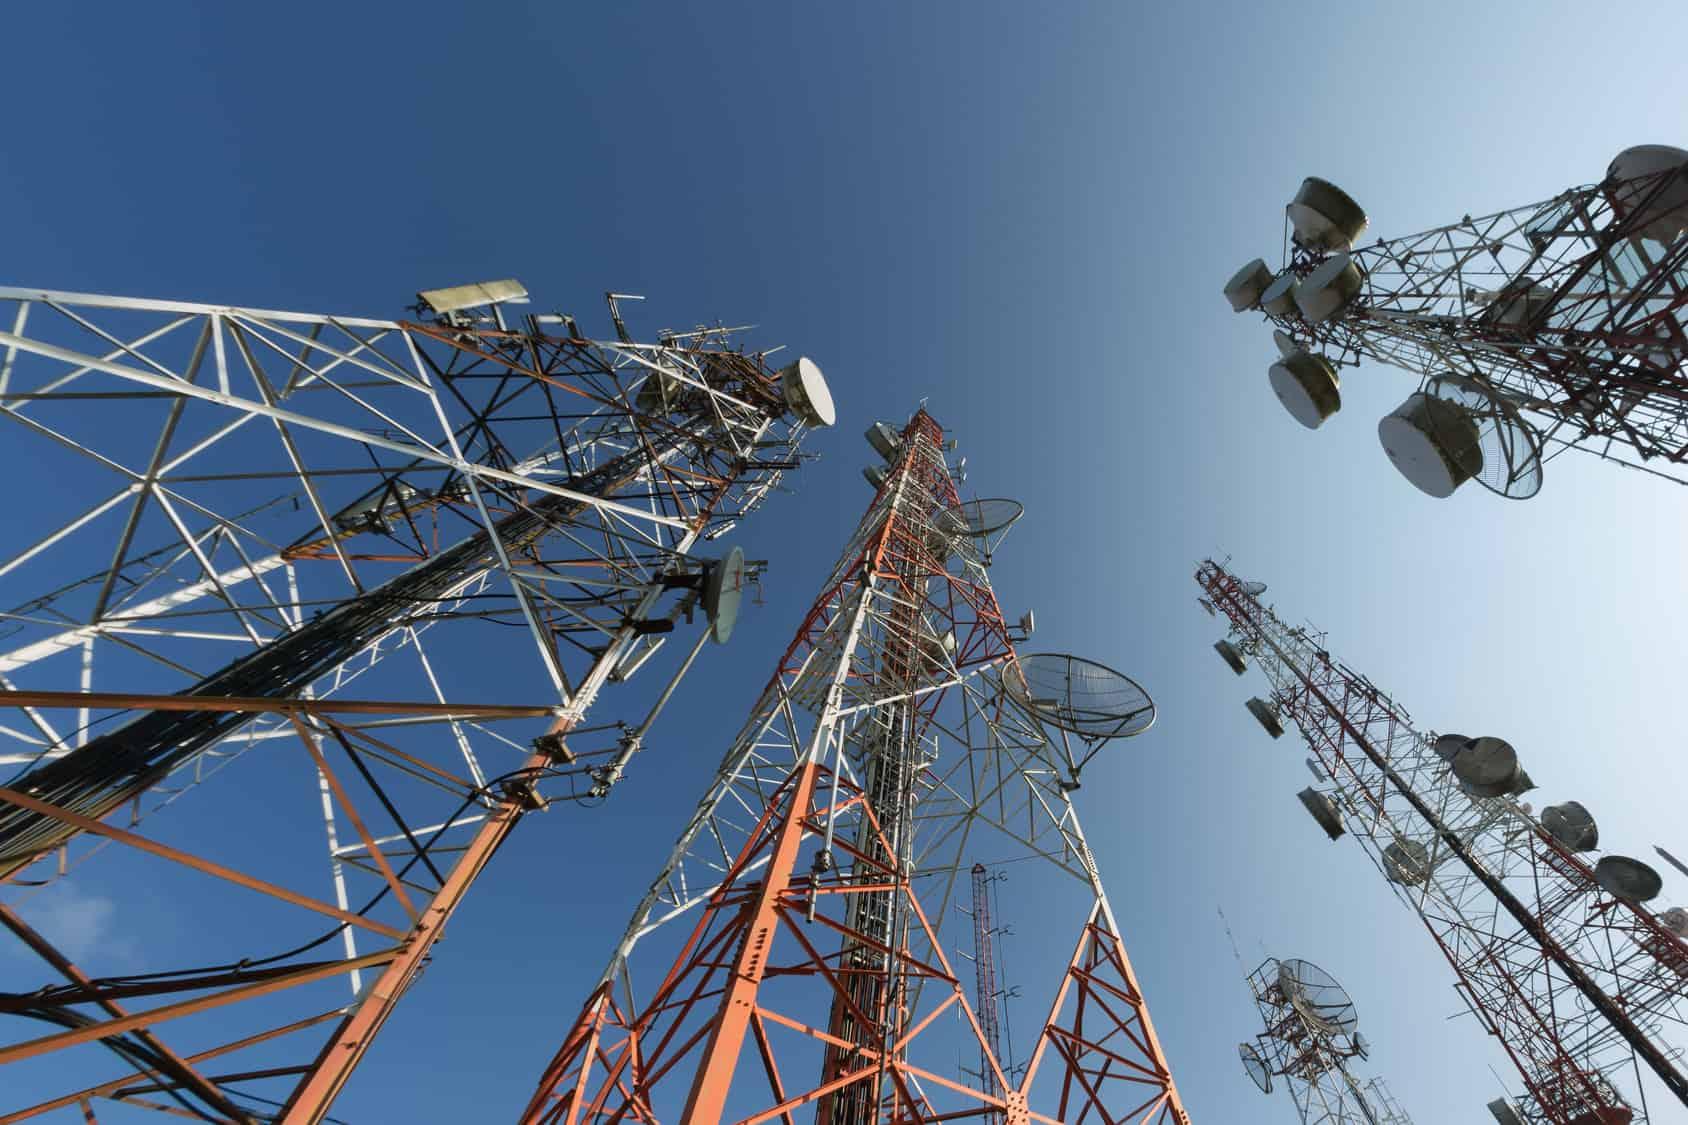 ElInstituto Federal de Telecomunicaciones(IFT) alista la licitación de nuevas estaciones de radio y TV abierta para uso comercial, social y público para el segundo semestre del año, de acuerdo con un documento publicado este martes en el Diario Oficial de la Federación (DOF).